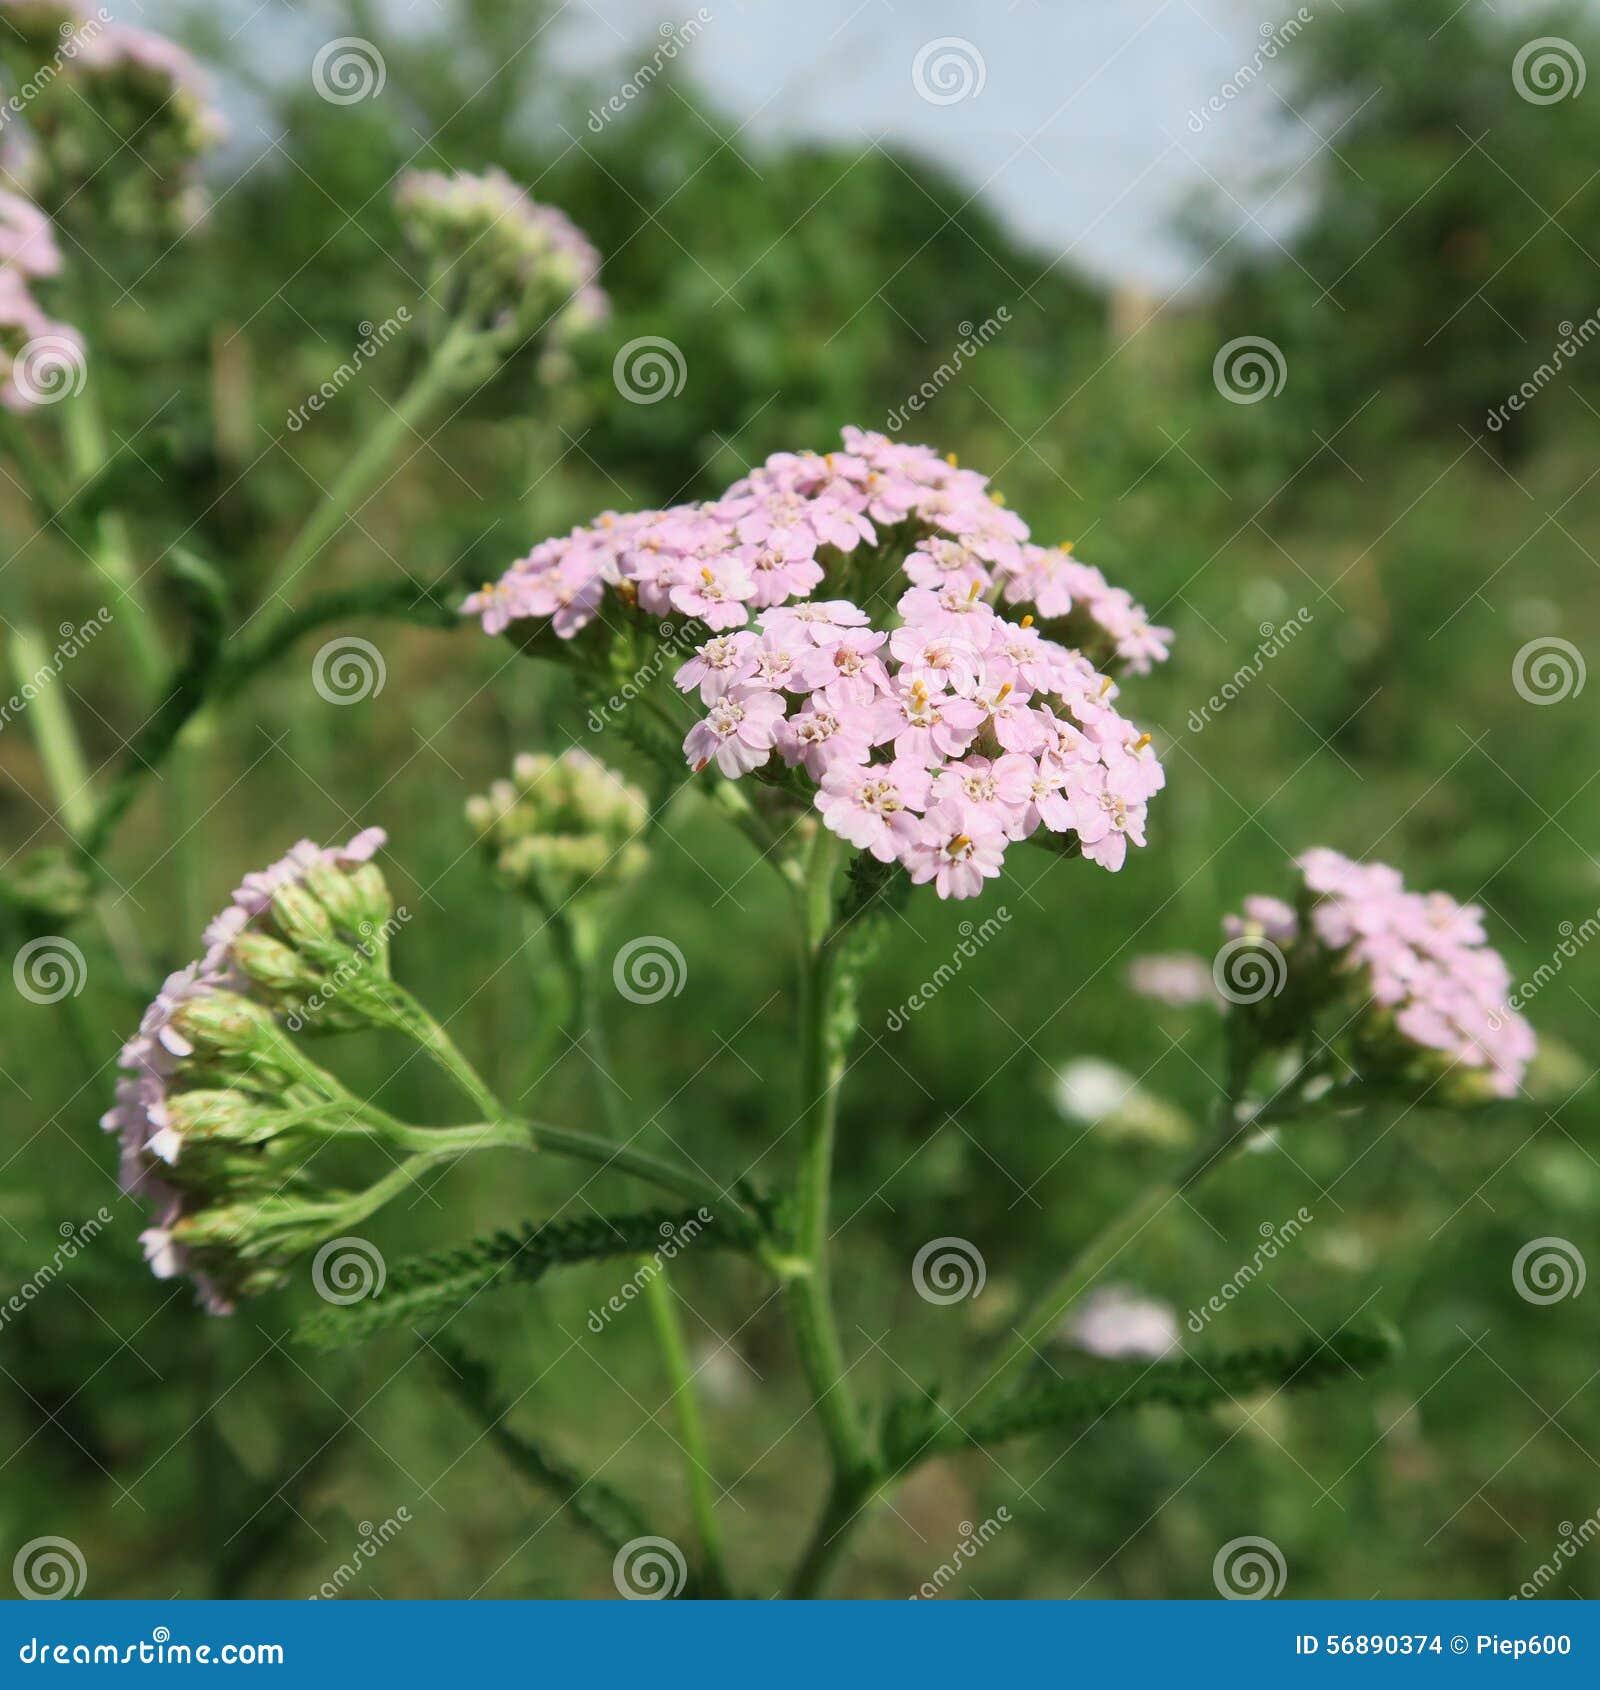 Rosa, achillea millefolium